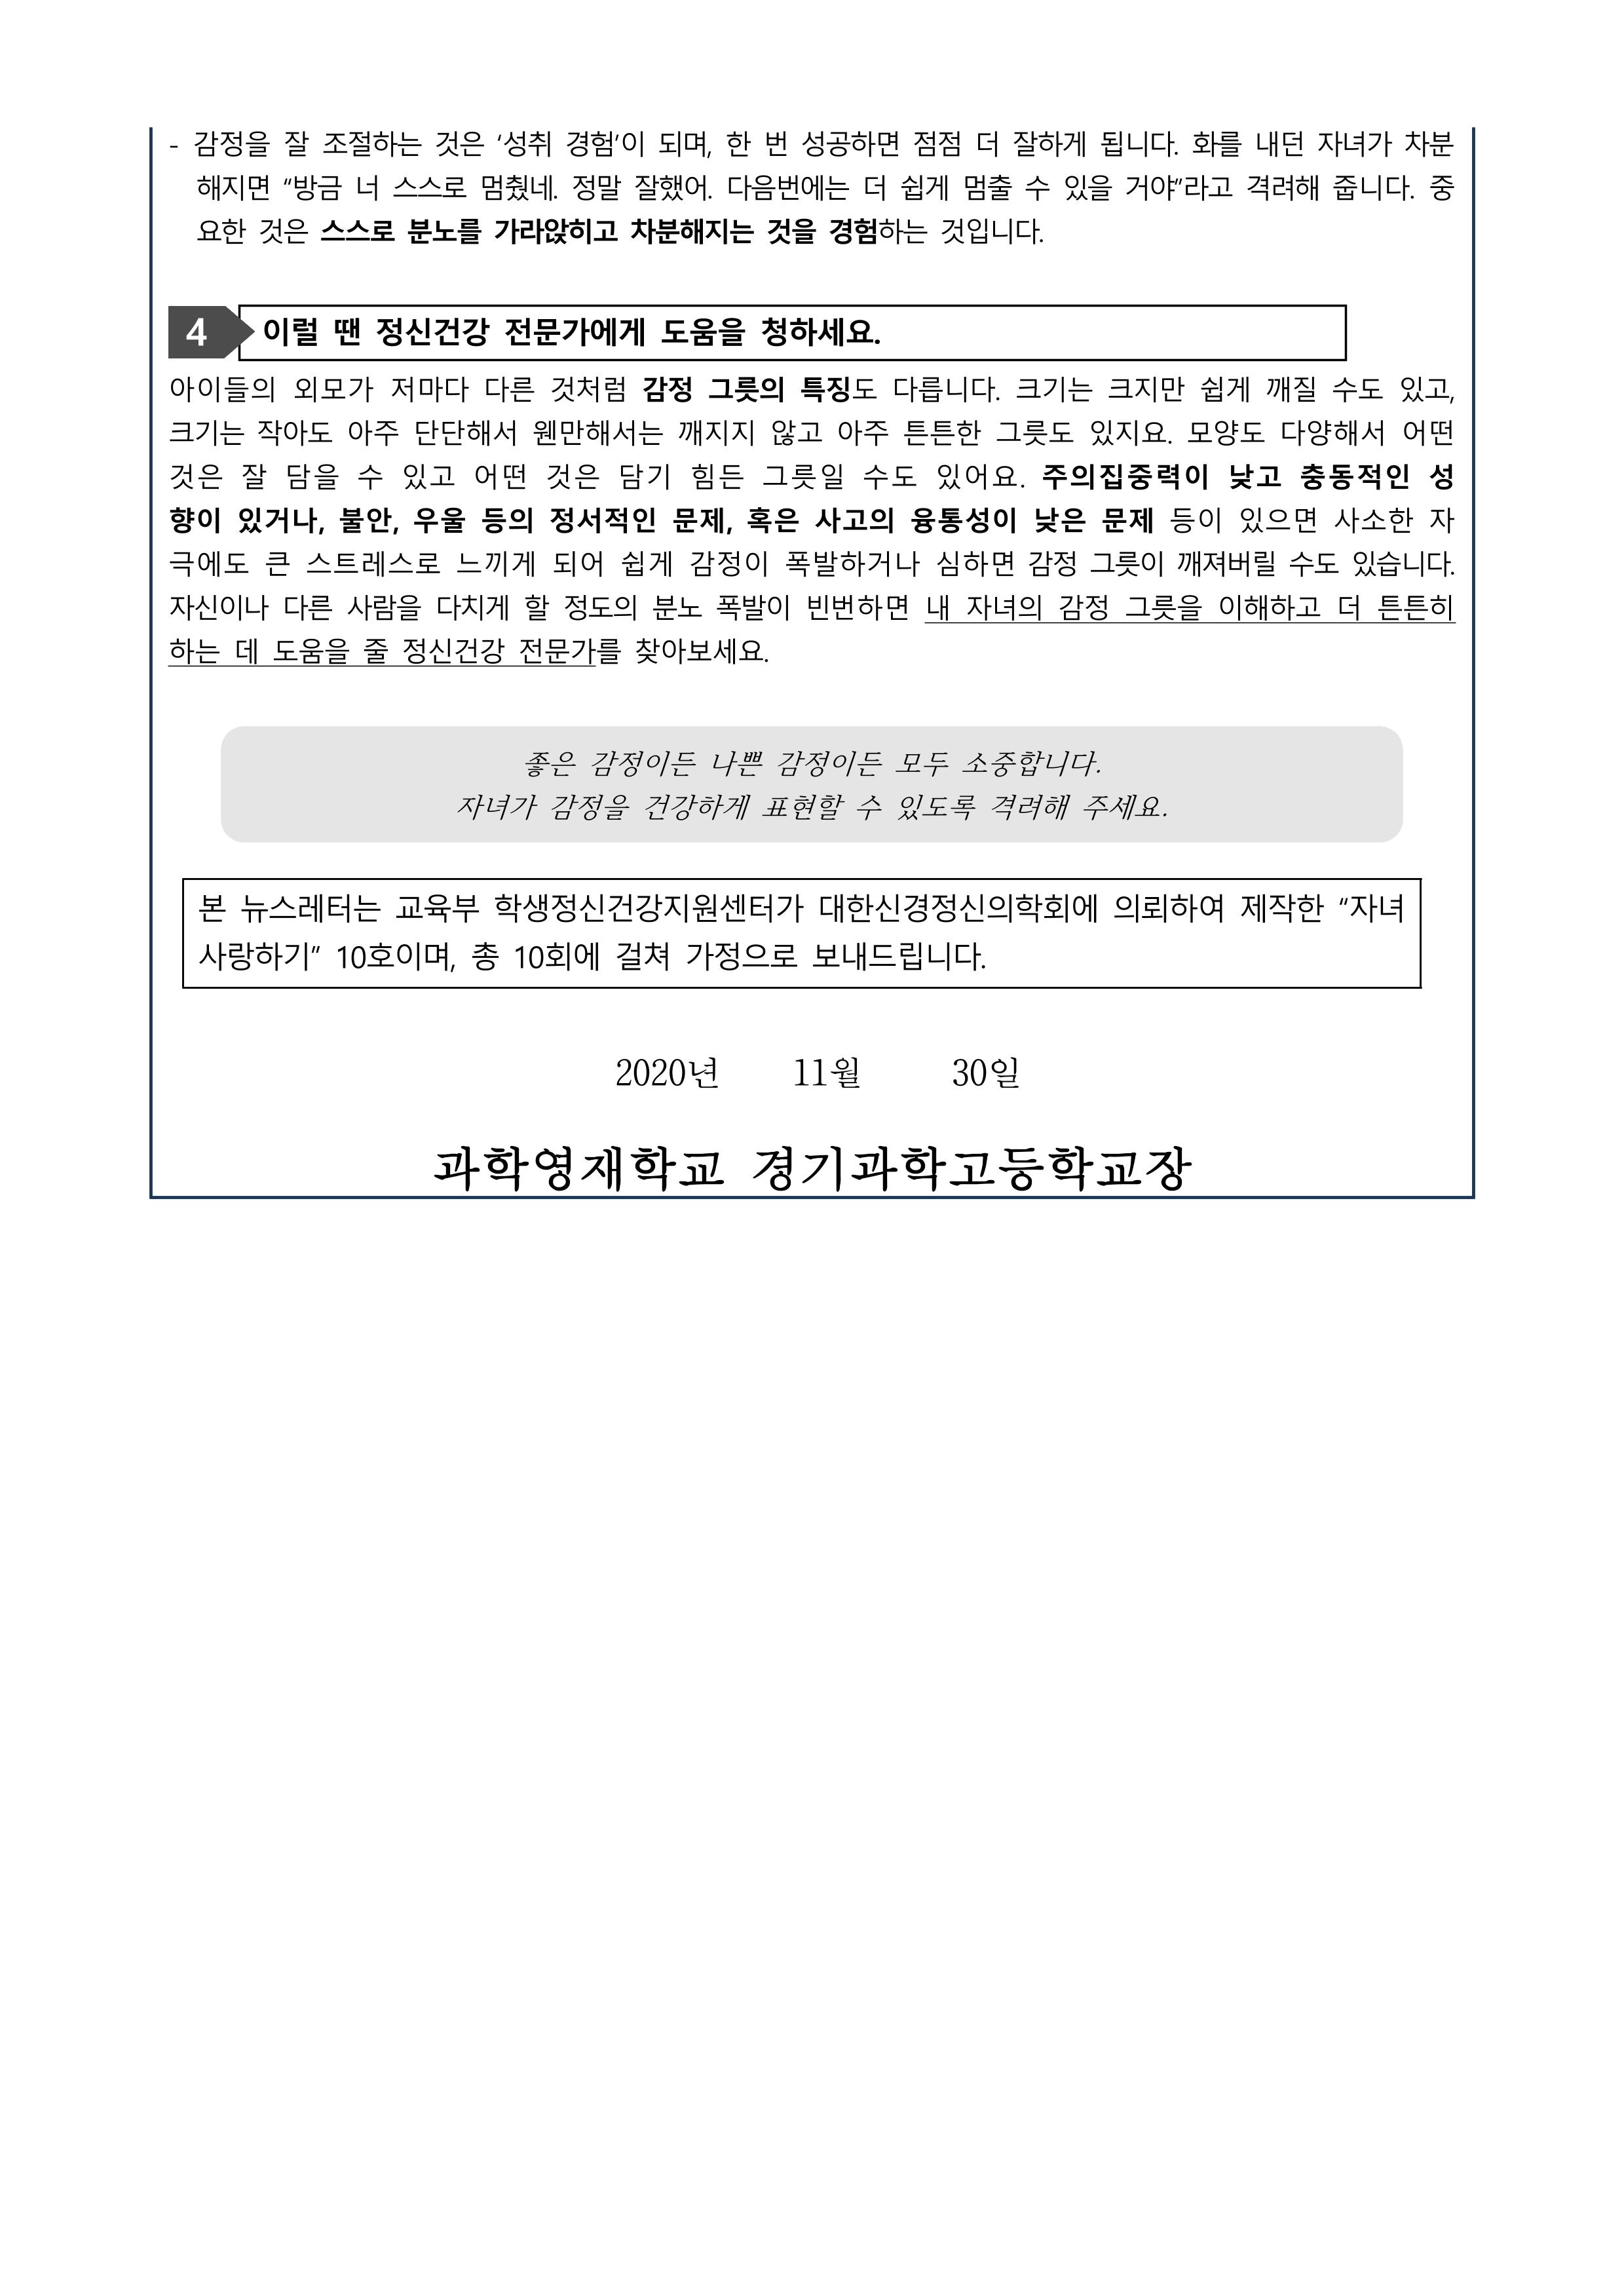 뉴스레터 자녀사랑하기 제2020-10호 가정통신문 3Page.